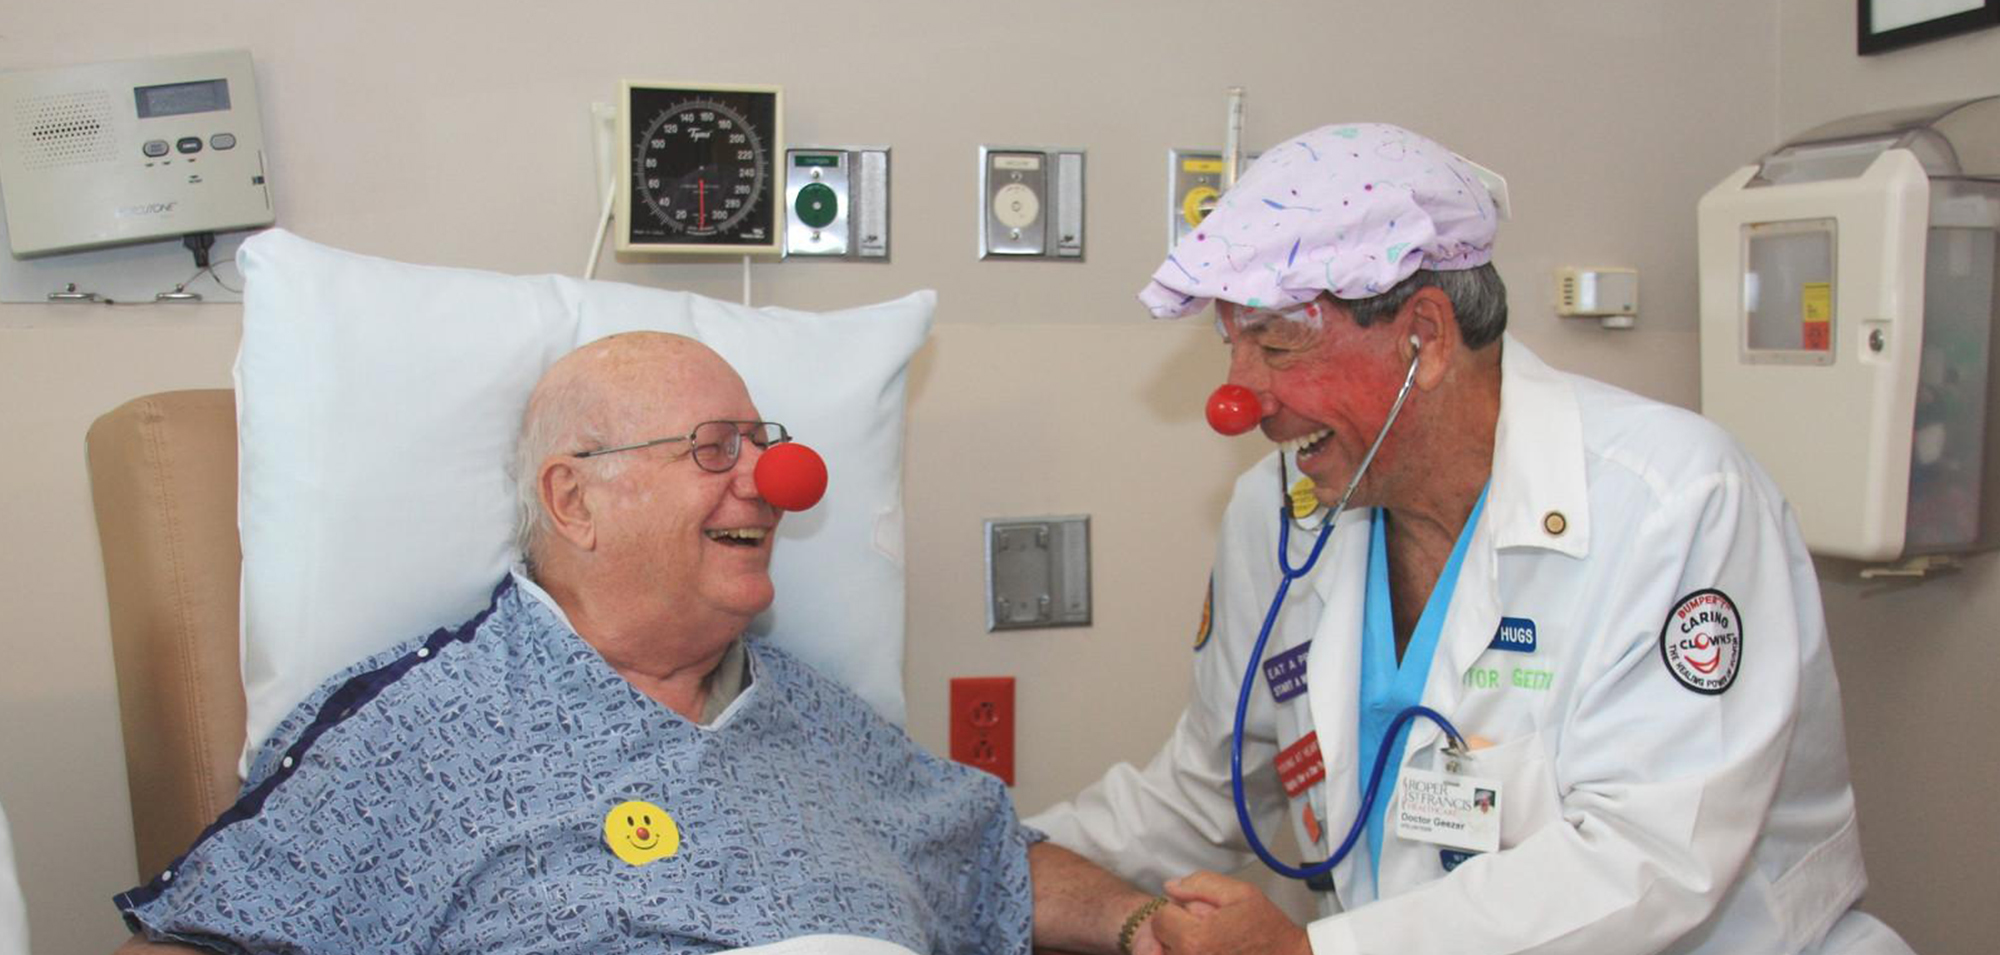 Bumper T Caring Hospital Clowns Inc.